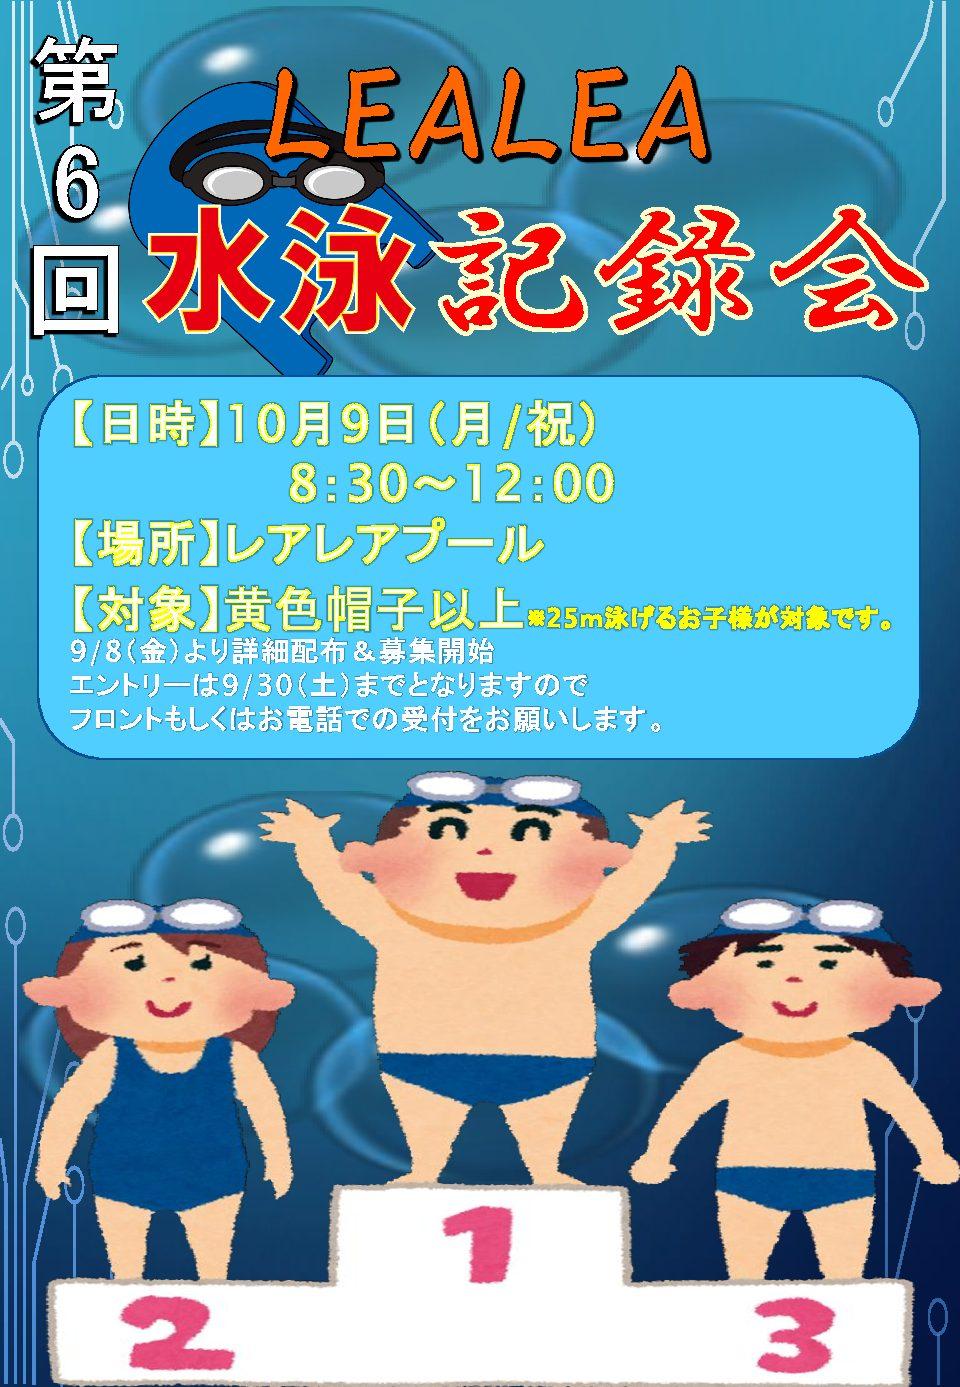 水泳記録会を行います!!